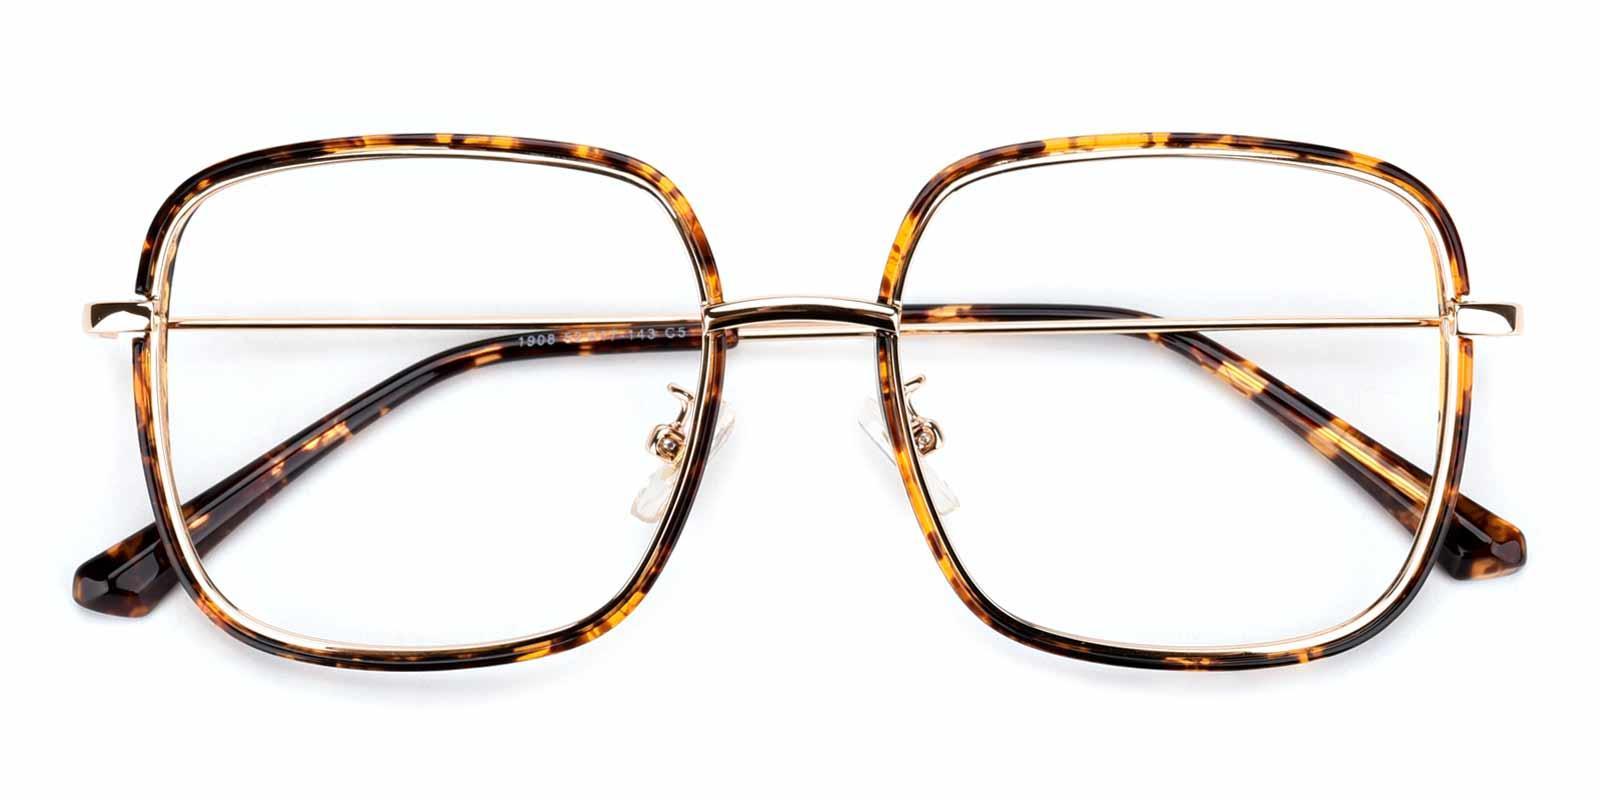 Soda-Tortoise-Square-TR-Eyeglasses-detail